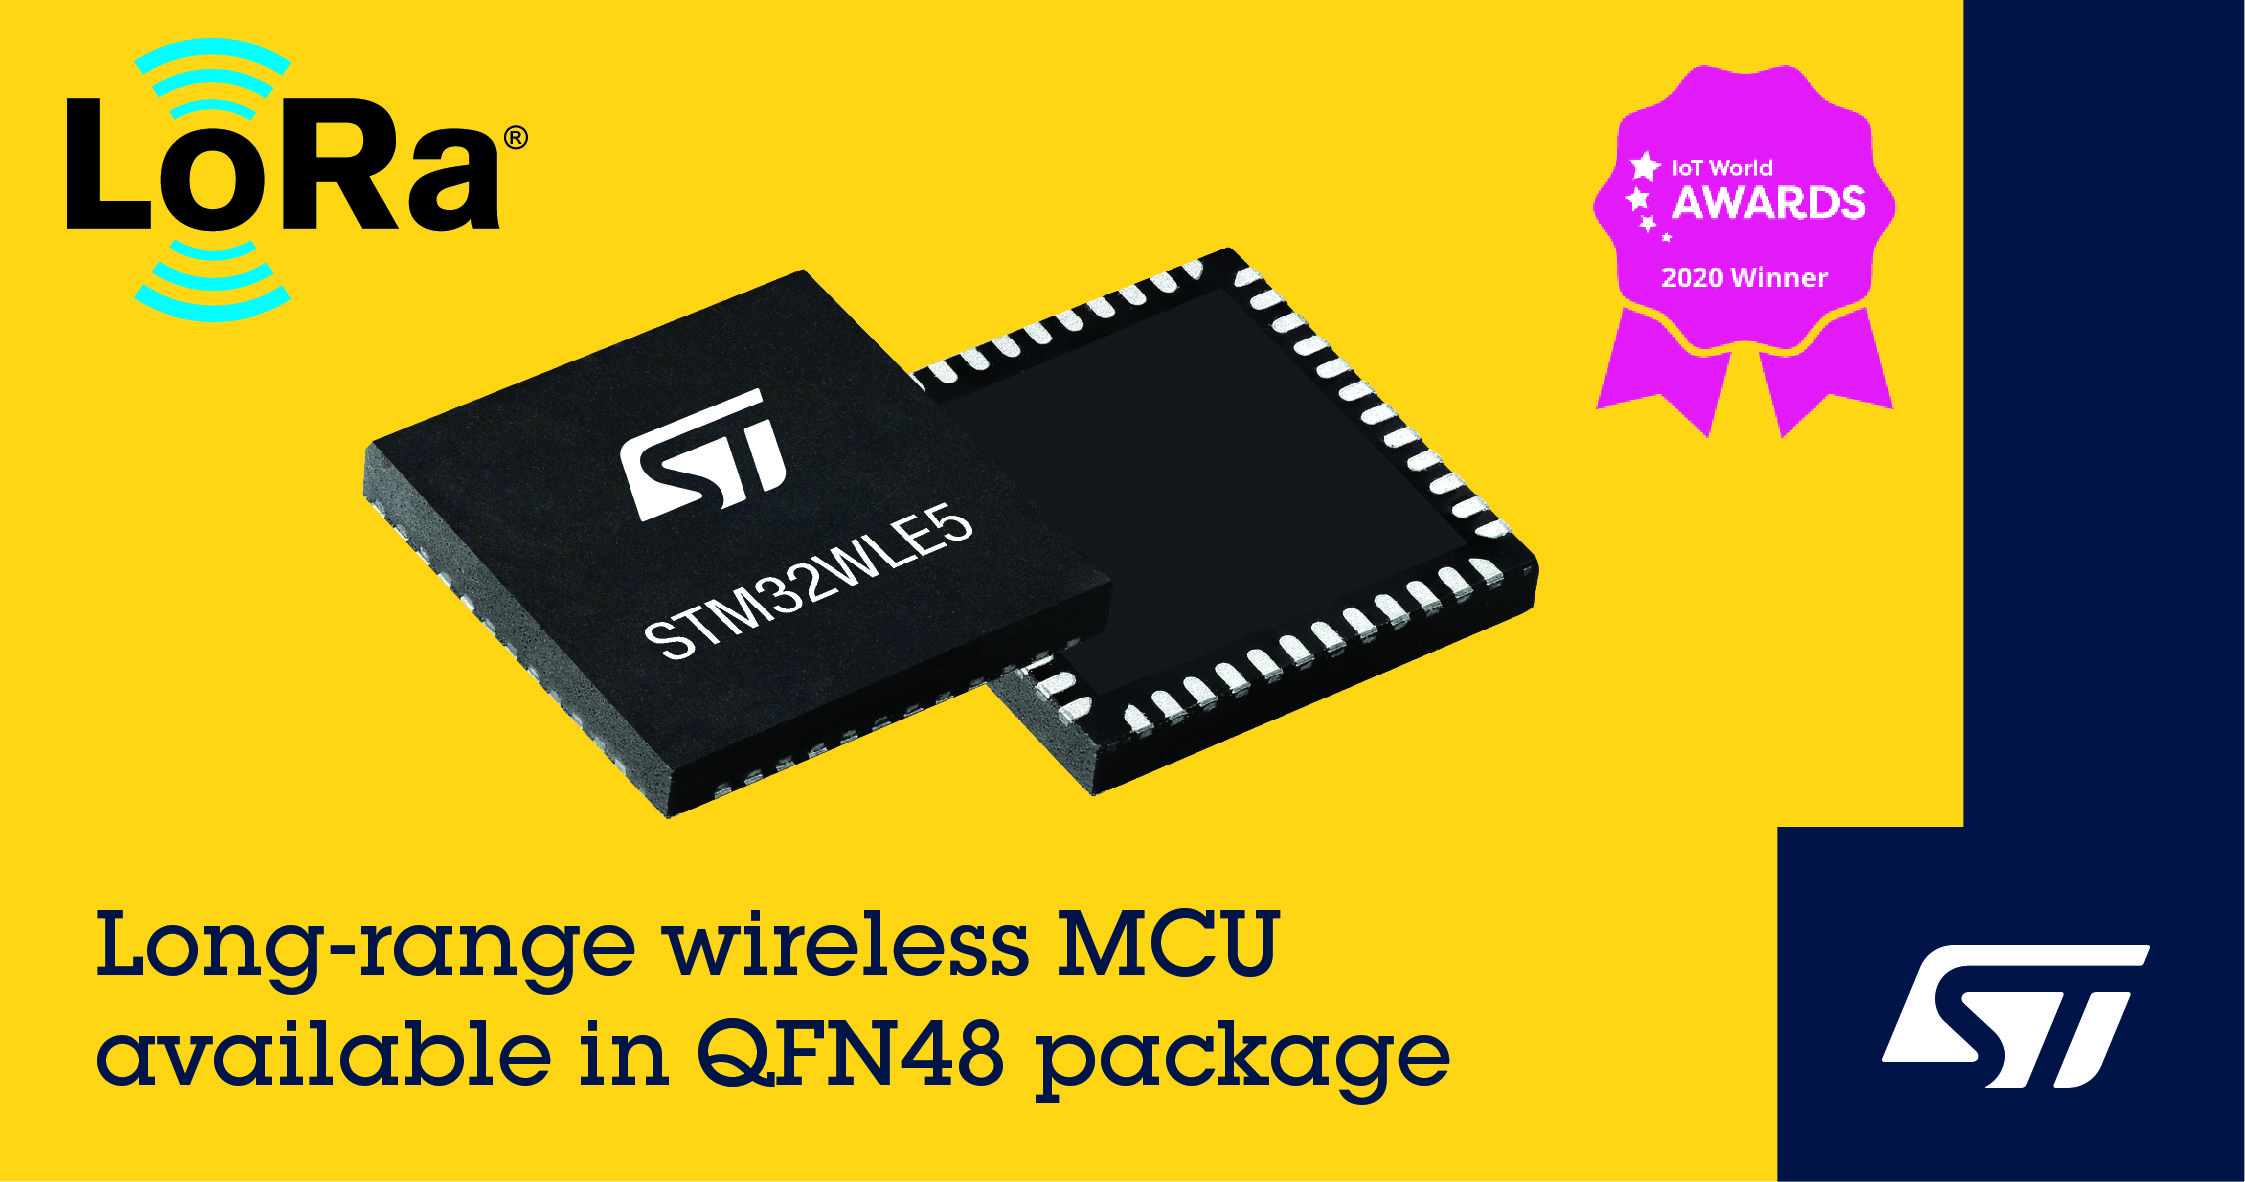 意法半导体推出48引脚封装扩大市面上唯一支持LoRa®的STM32WL系统芯片的选择